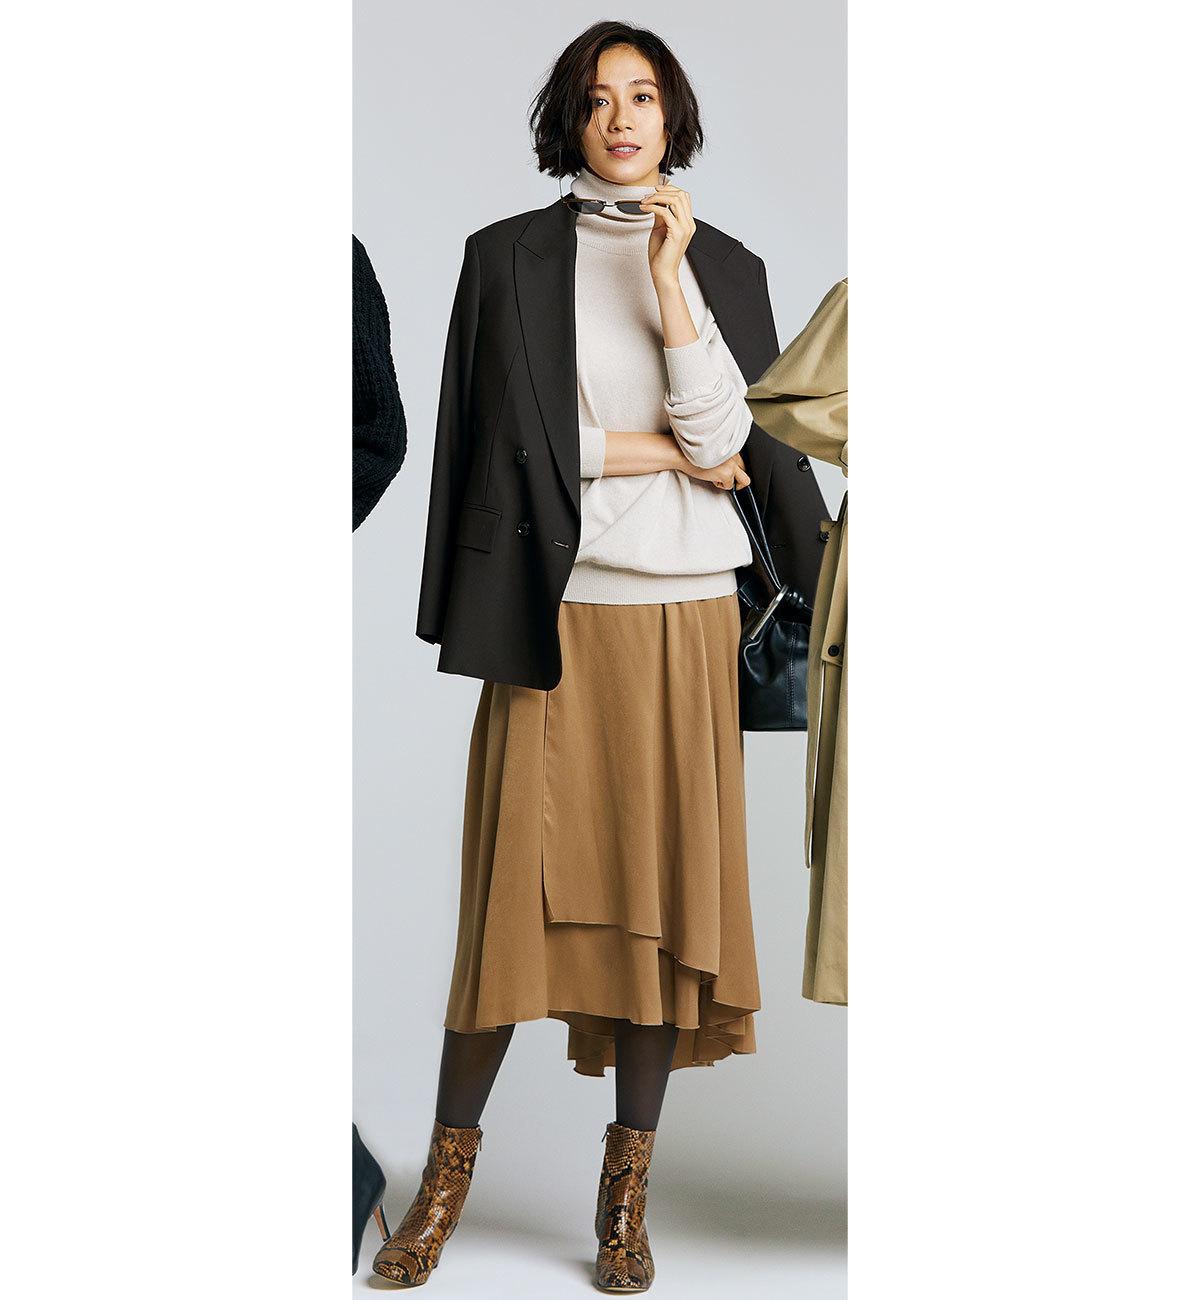 ジャケット×アシンメトリースカート×上品アニマル柄のショートブーツコーデ